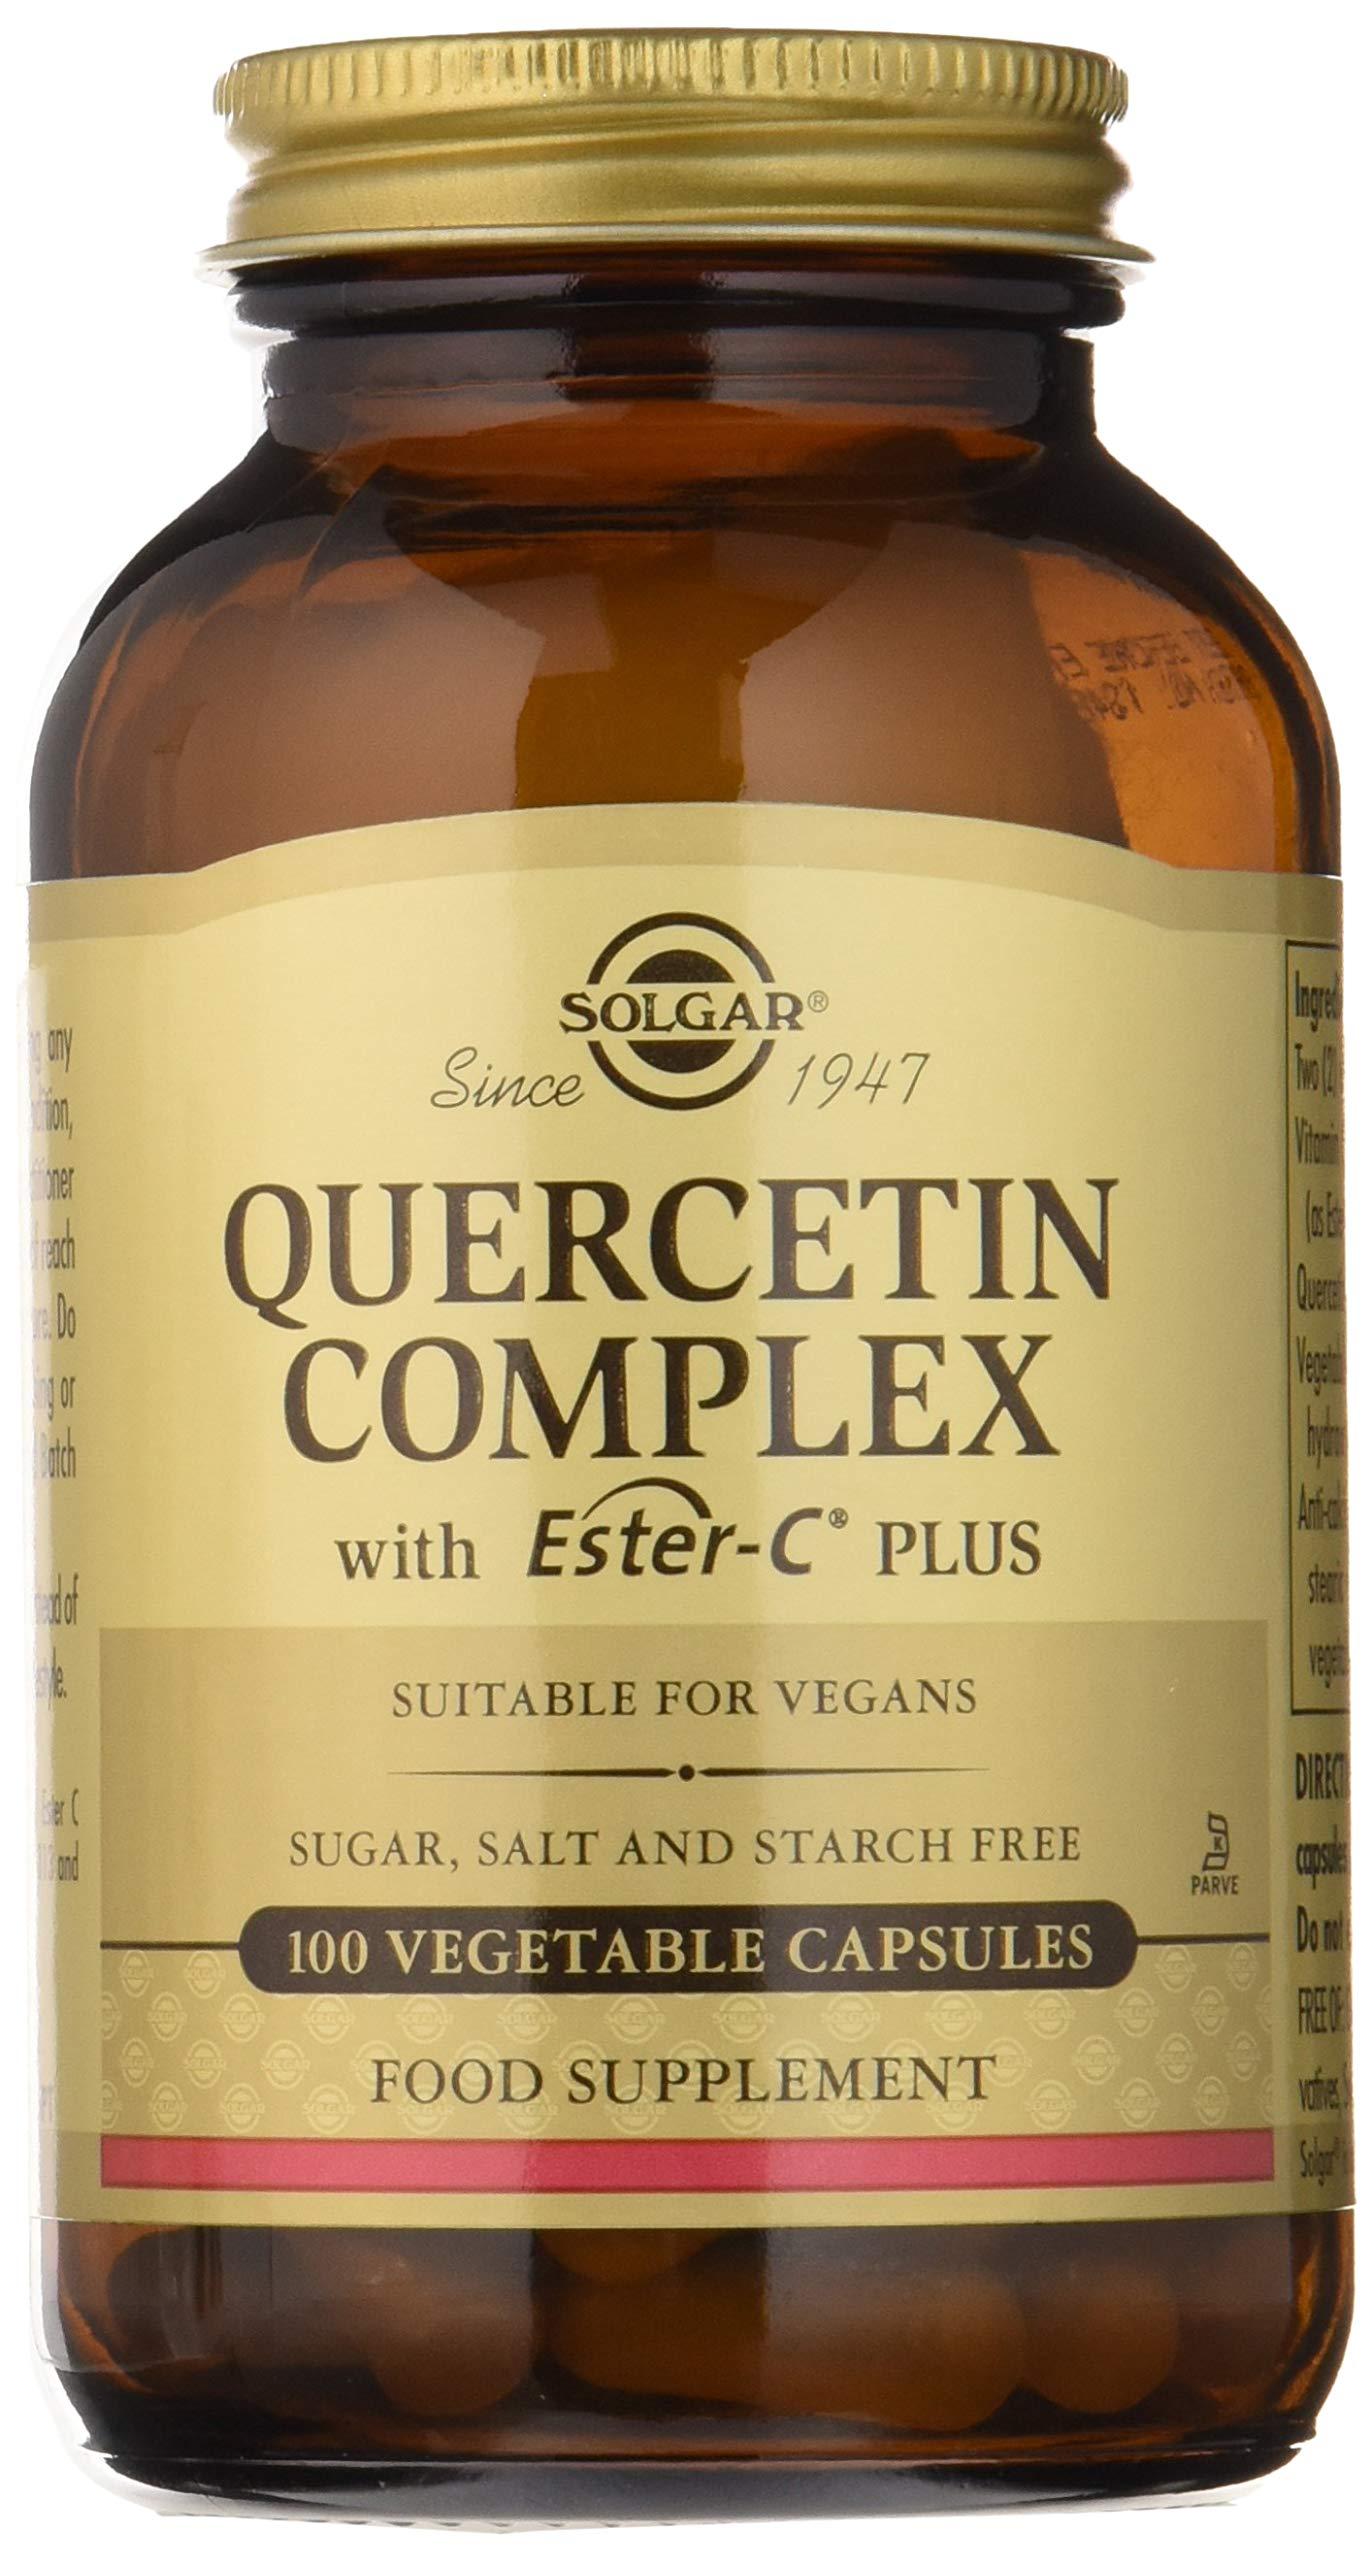 Solgar Quercetin Complex with Ester-C® Plus, Unique Synergistic Formulat Immune Health Support, 100 Vegetable Capsules